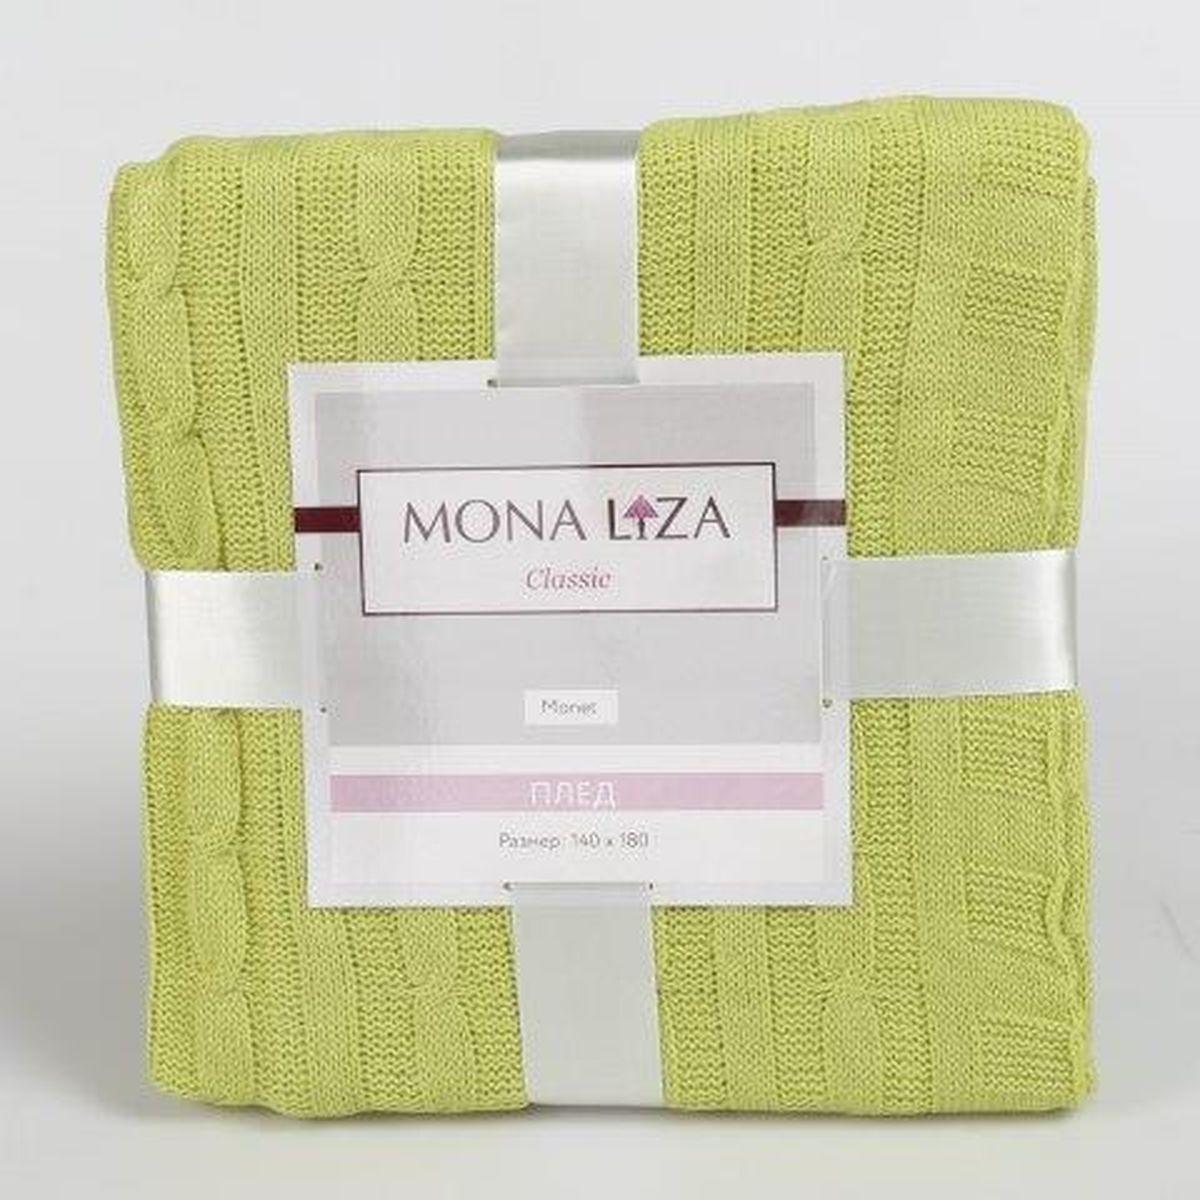 Плед Mona Liza Classic Monet, цвет: салатовый, 140 х 180 см520403/5Оригинальный вязаный плед Mona Liza Classic Monet послужит теплым, мягким и практичным подарком близким людям. Плед изготовлен из высококачественного 100% акрила.Яркий и приятный на ощупь плед Mona Liza Classic Monet станет отличным дополнением в вашем интерьере.